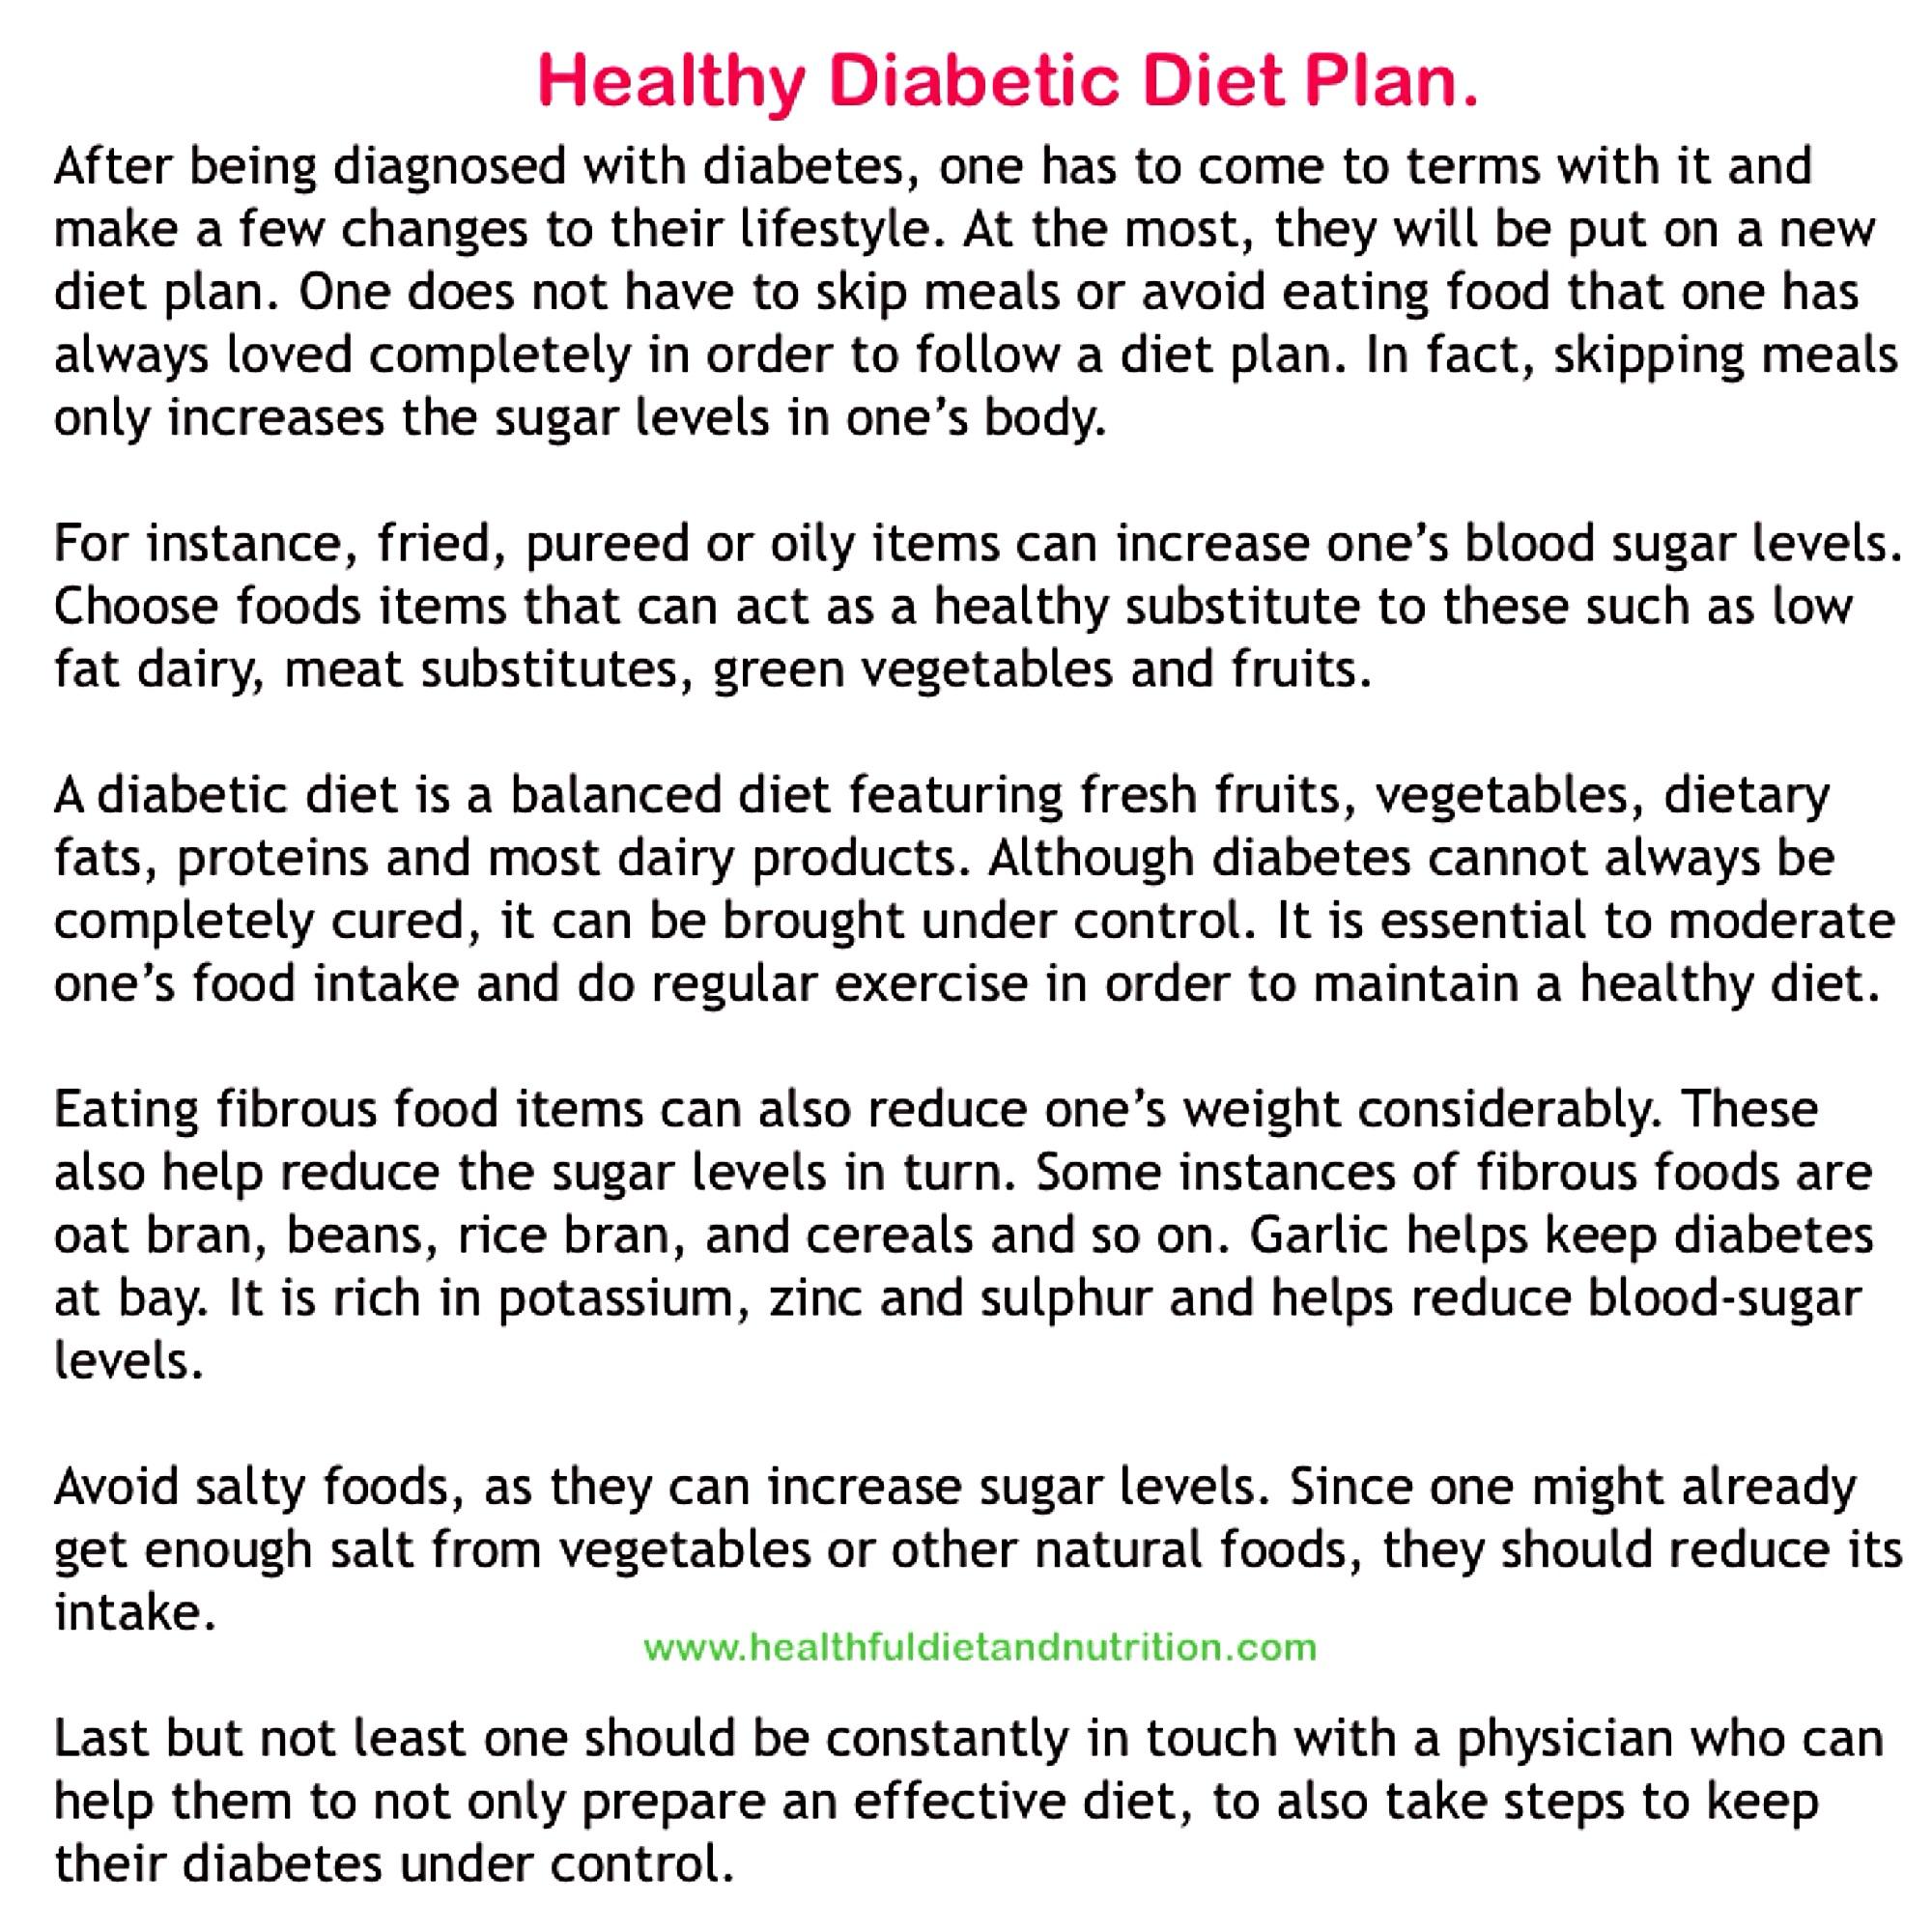 Healthy Diabetic Diet Plan